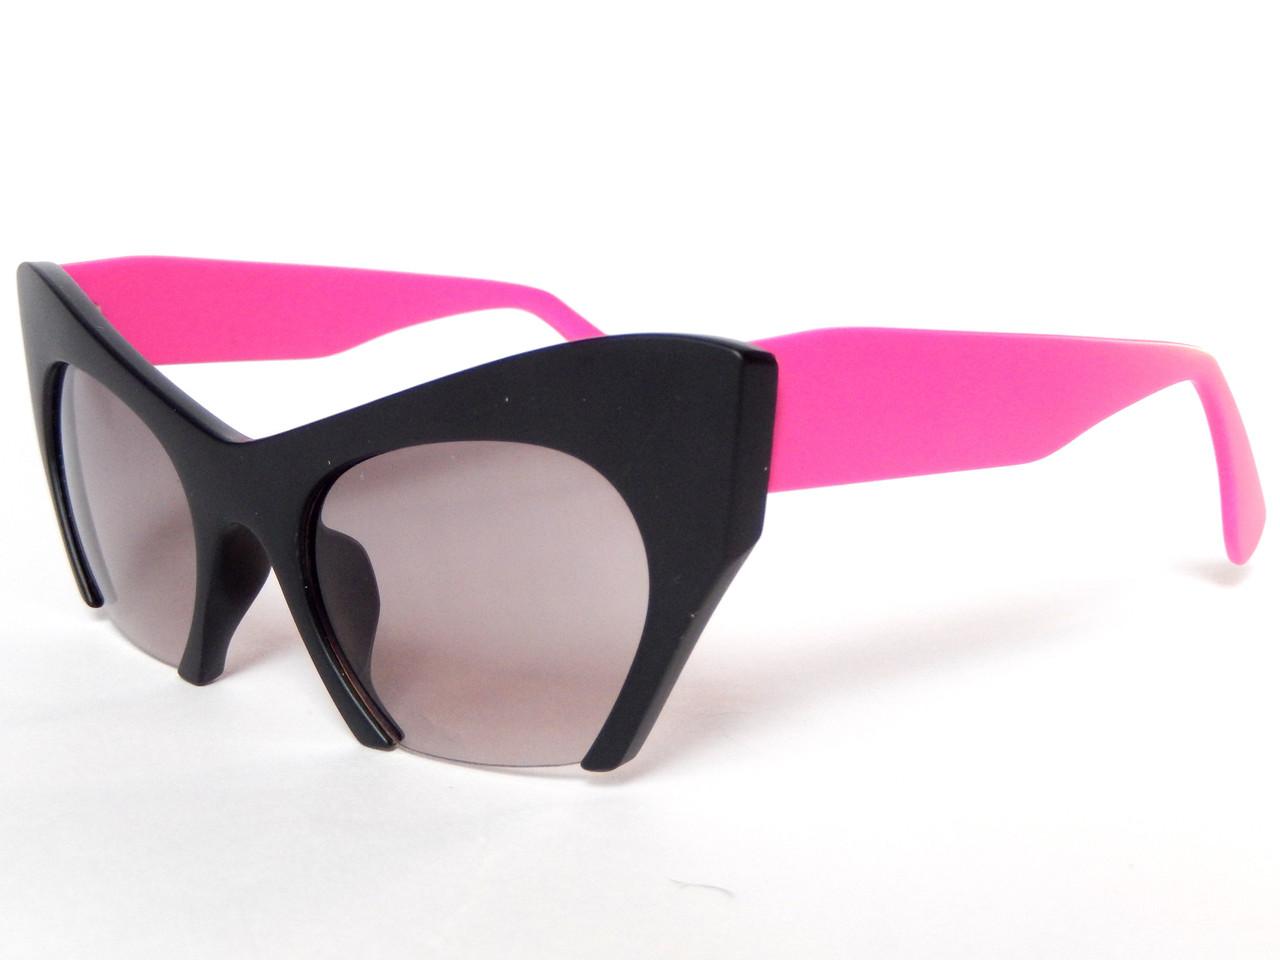 Полуободковые очки в стиле miu miu matblack&pink - Cat-Eye